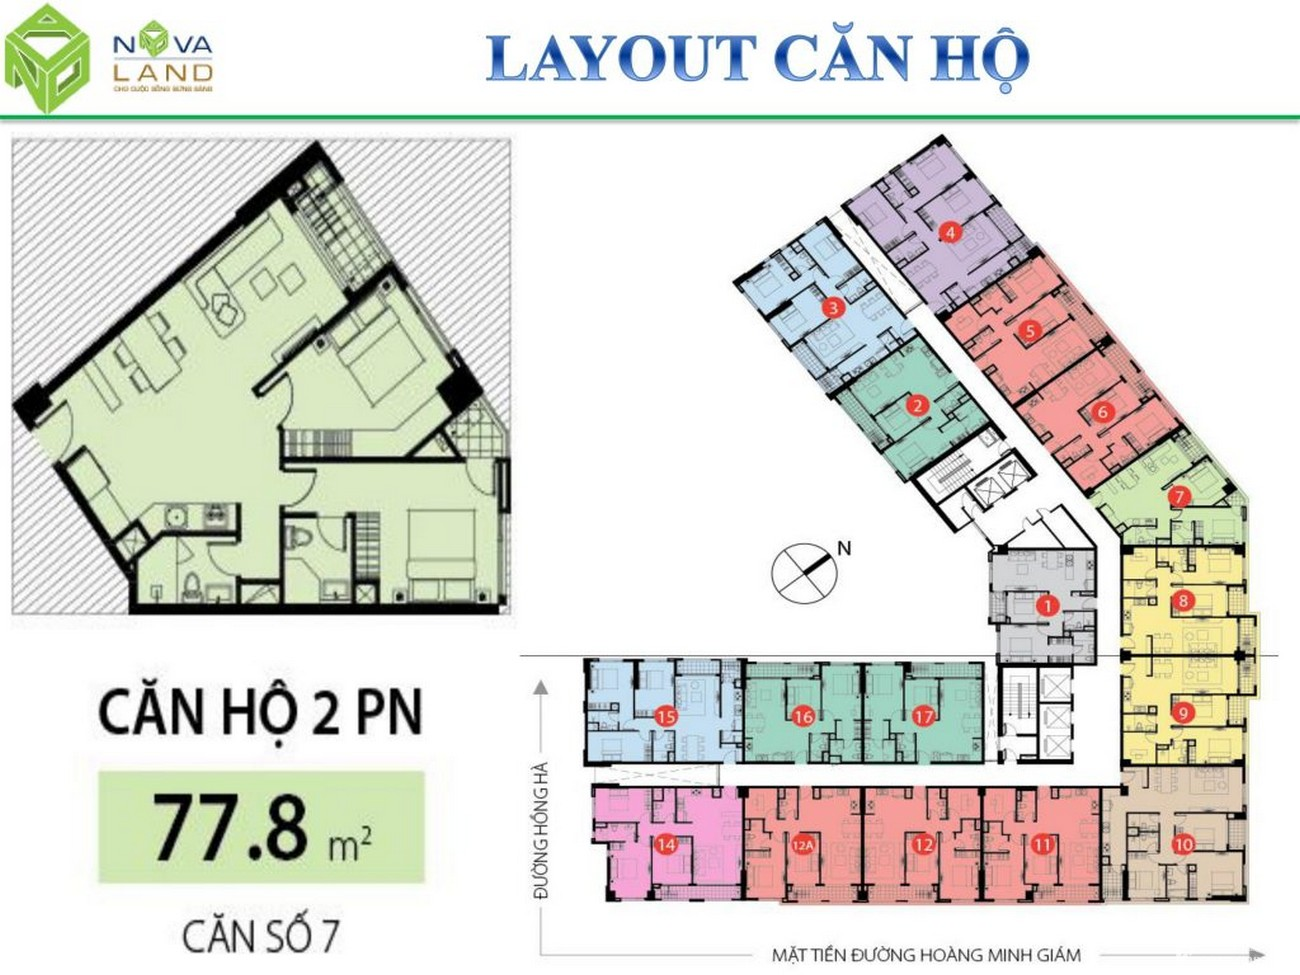 Thiết kế dự án căn hộ chung cư Garden Gate Phú Nhuận Đường Hoàng Minh Giám chủ đầu tư Novaland